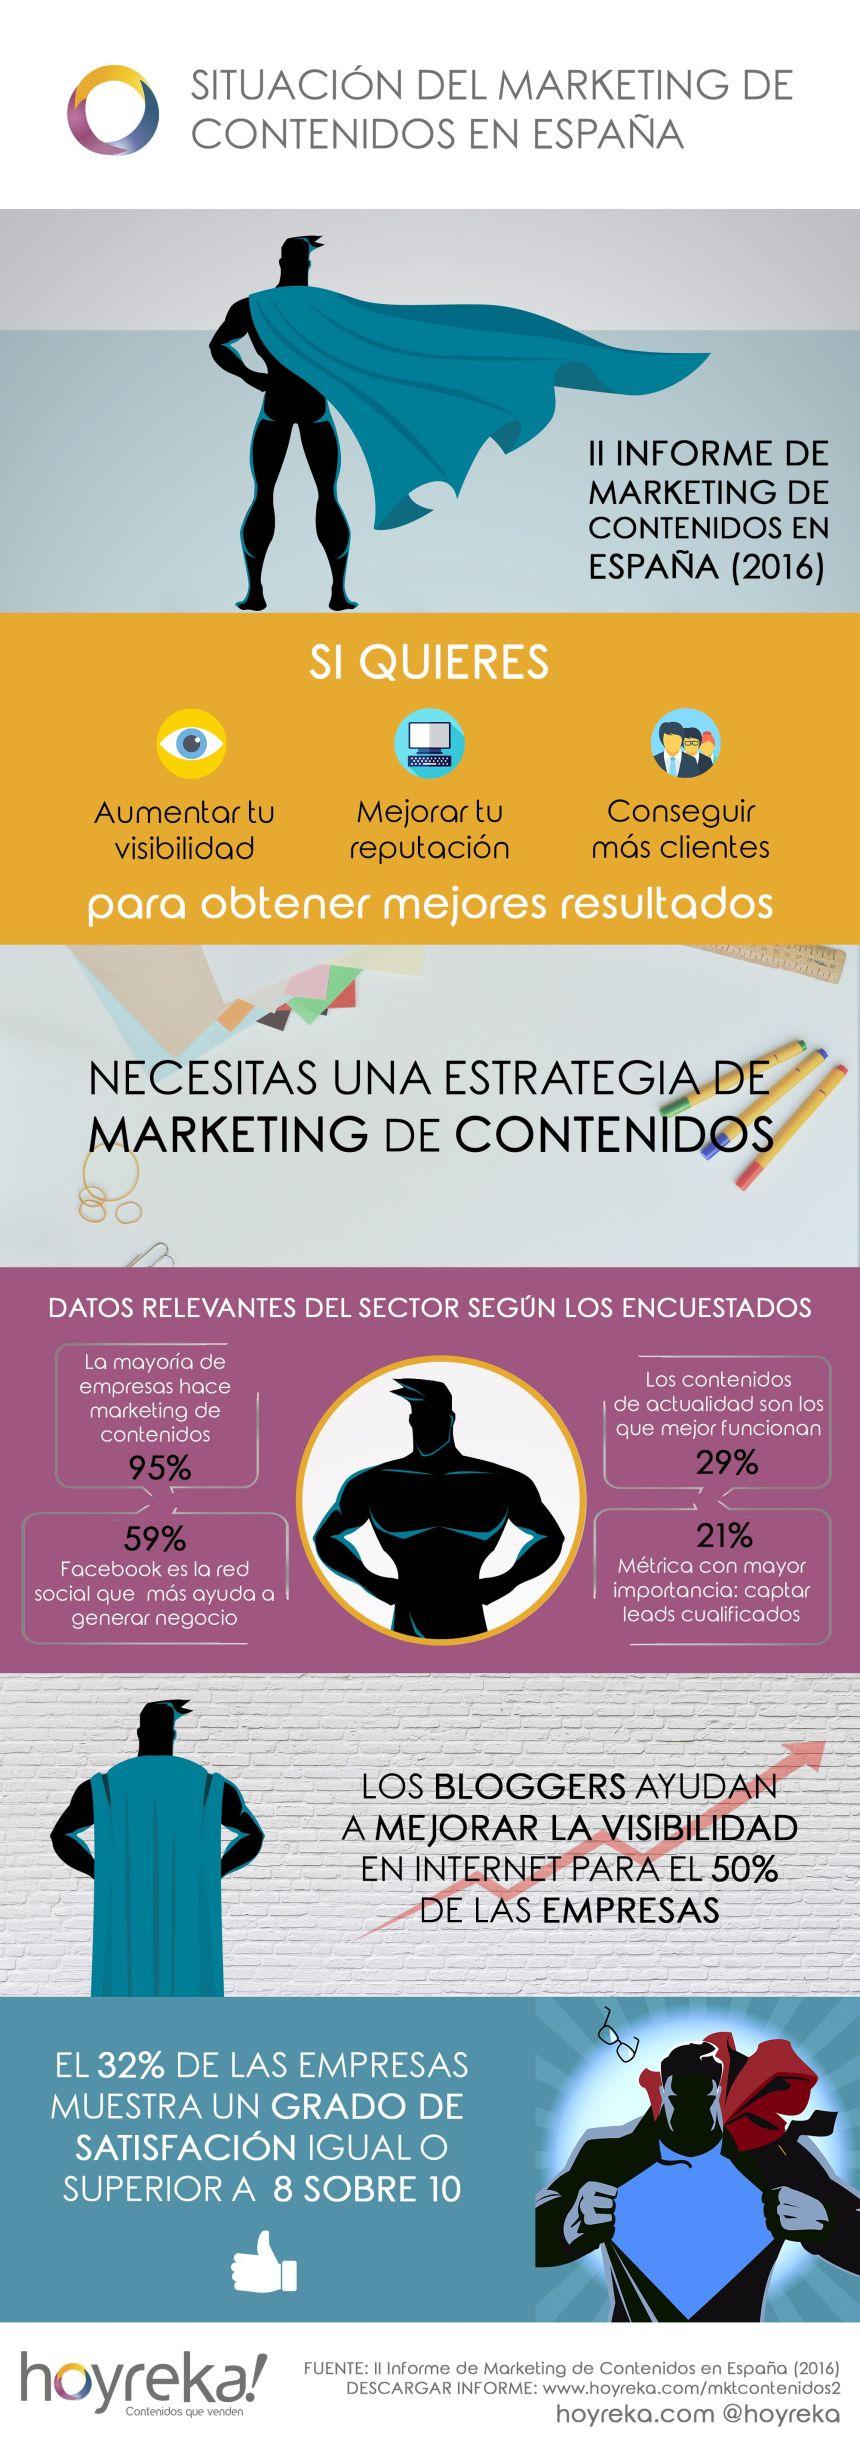 Situación del Marketing de Contenidos en España